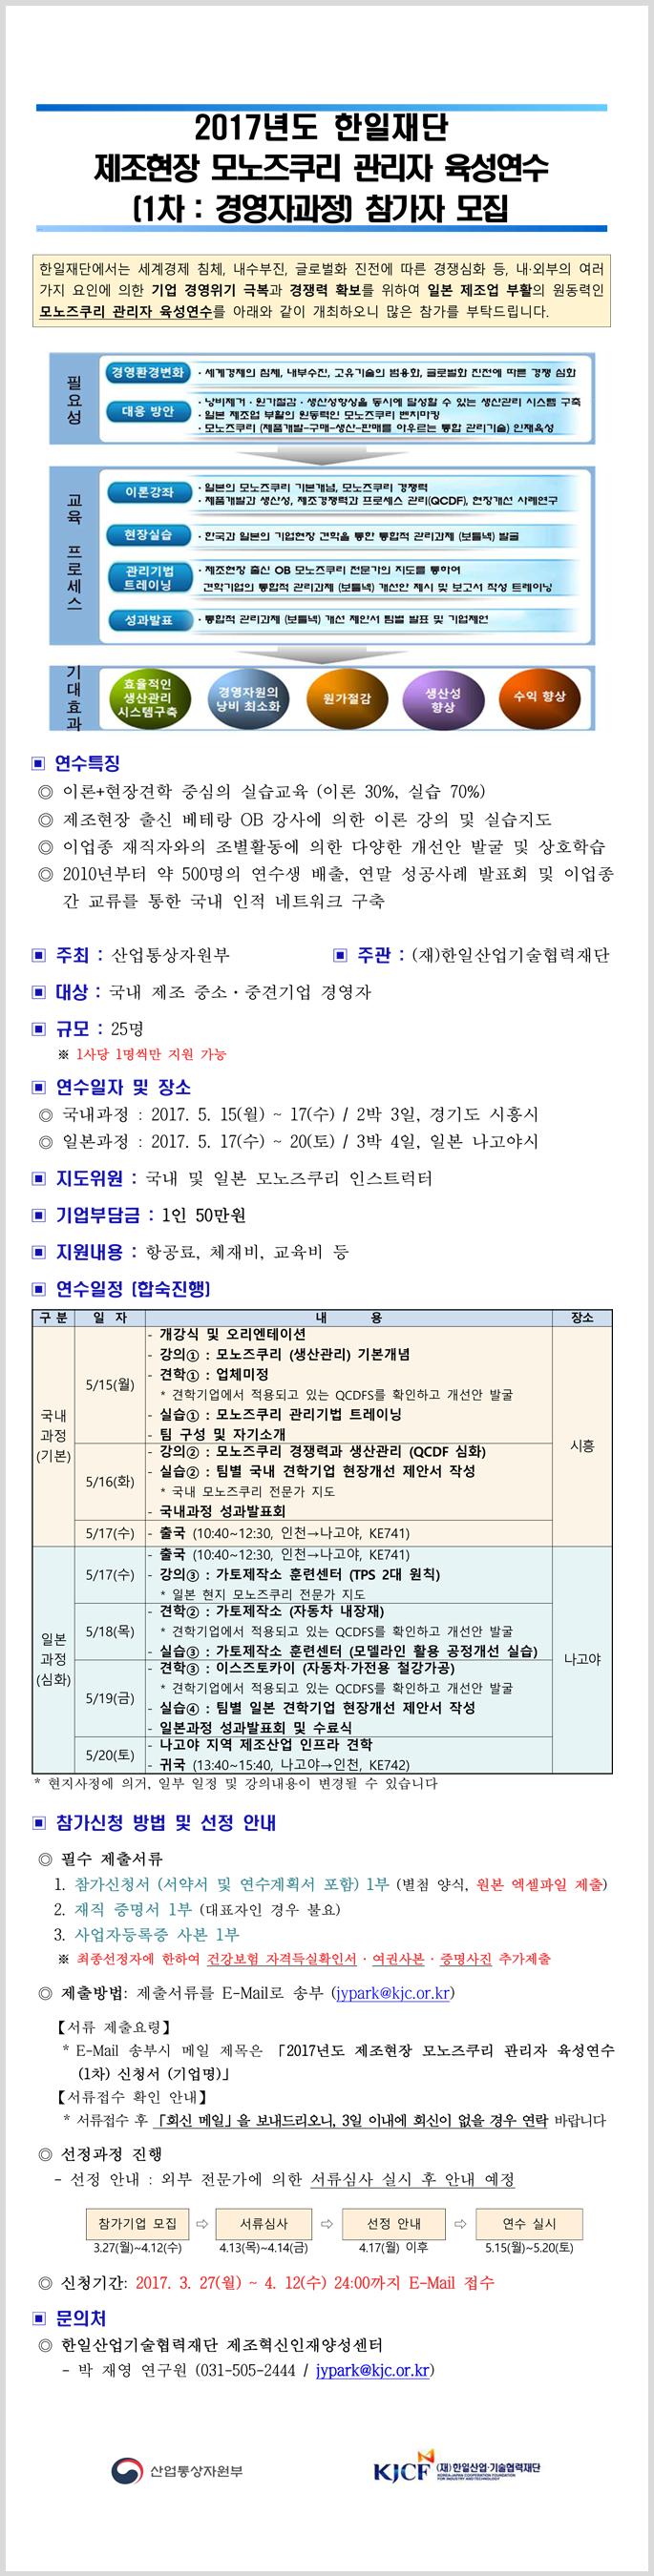 2017년도 제조현장 모노즈쿠리 관리자 육성연수 (1차) .png